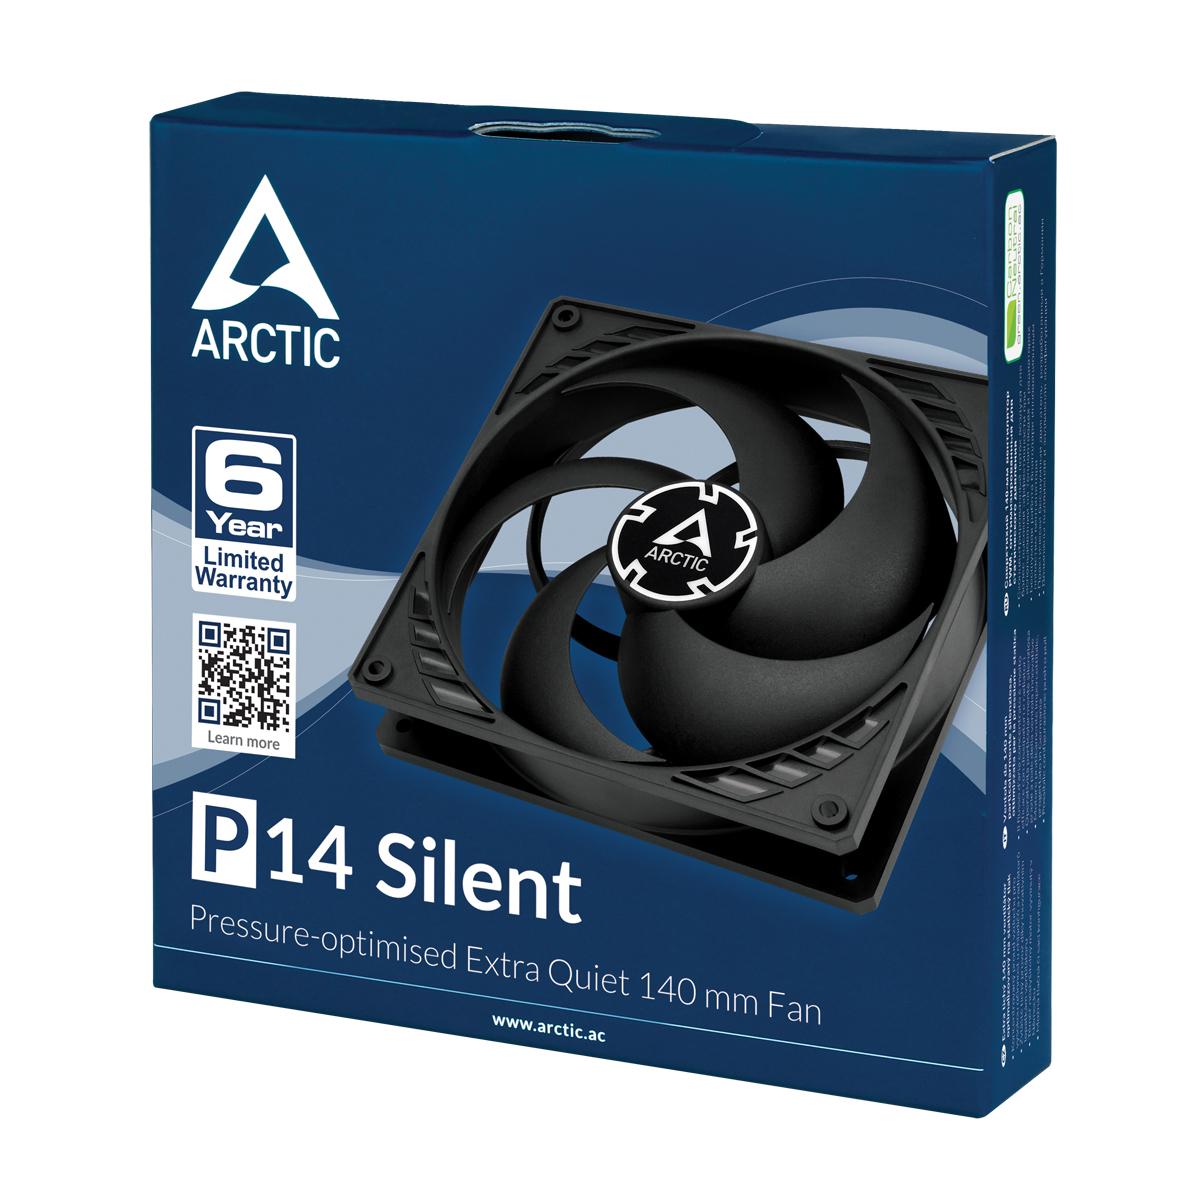 P14 Silent